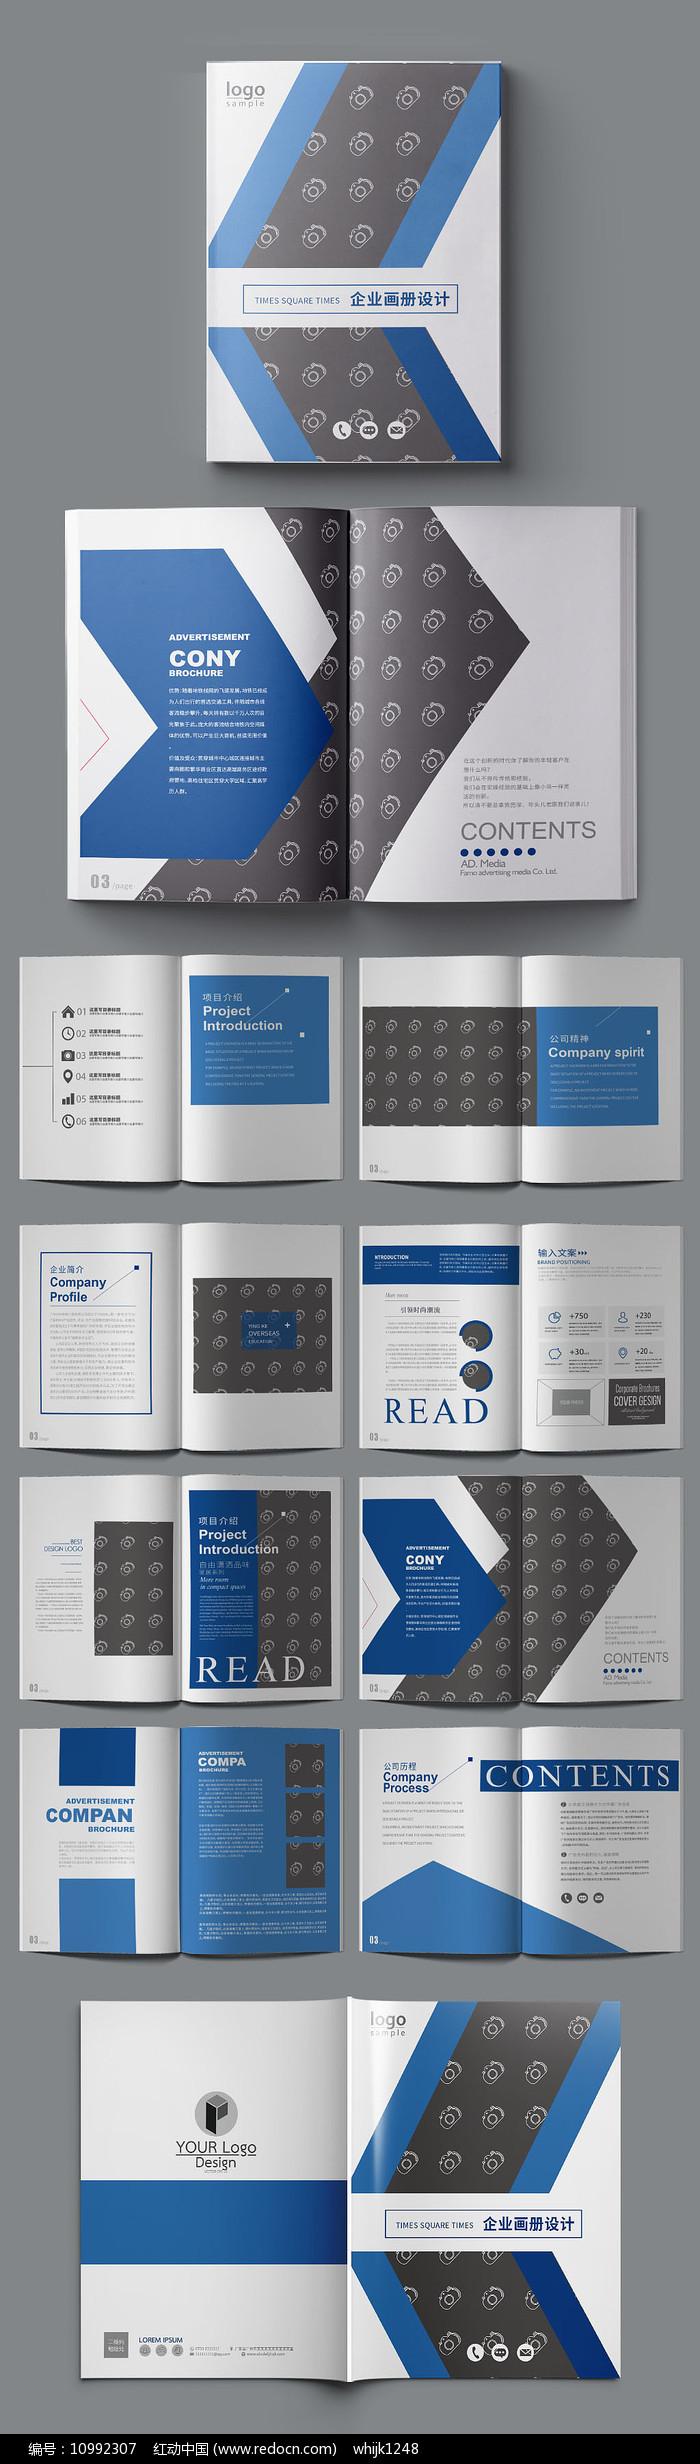 蓝色大气简洁企业画册图片